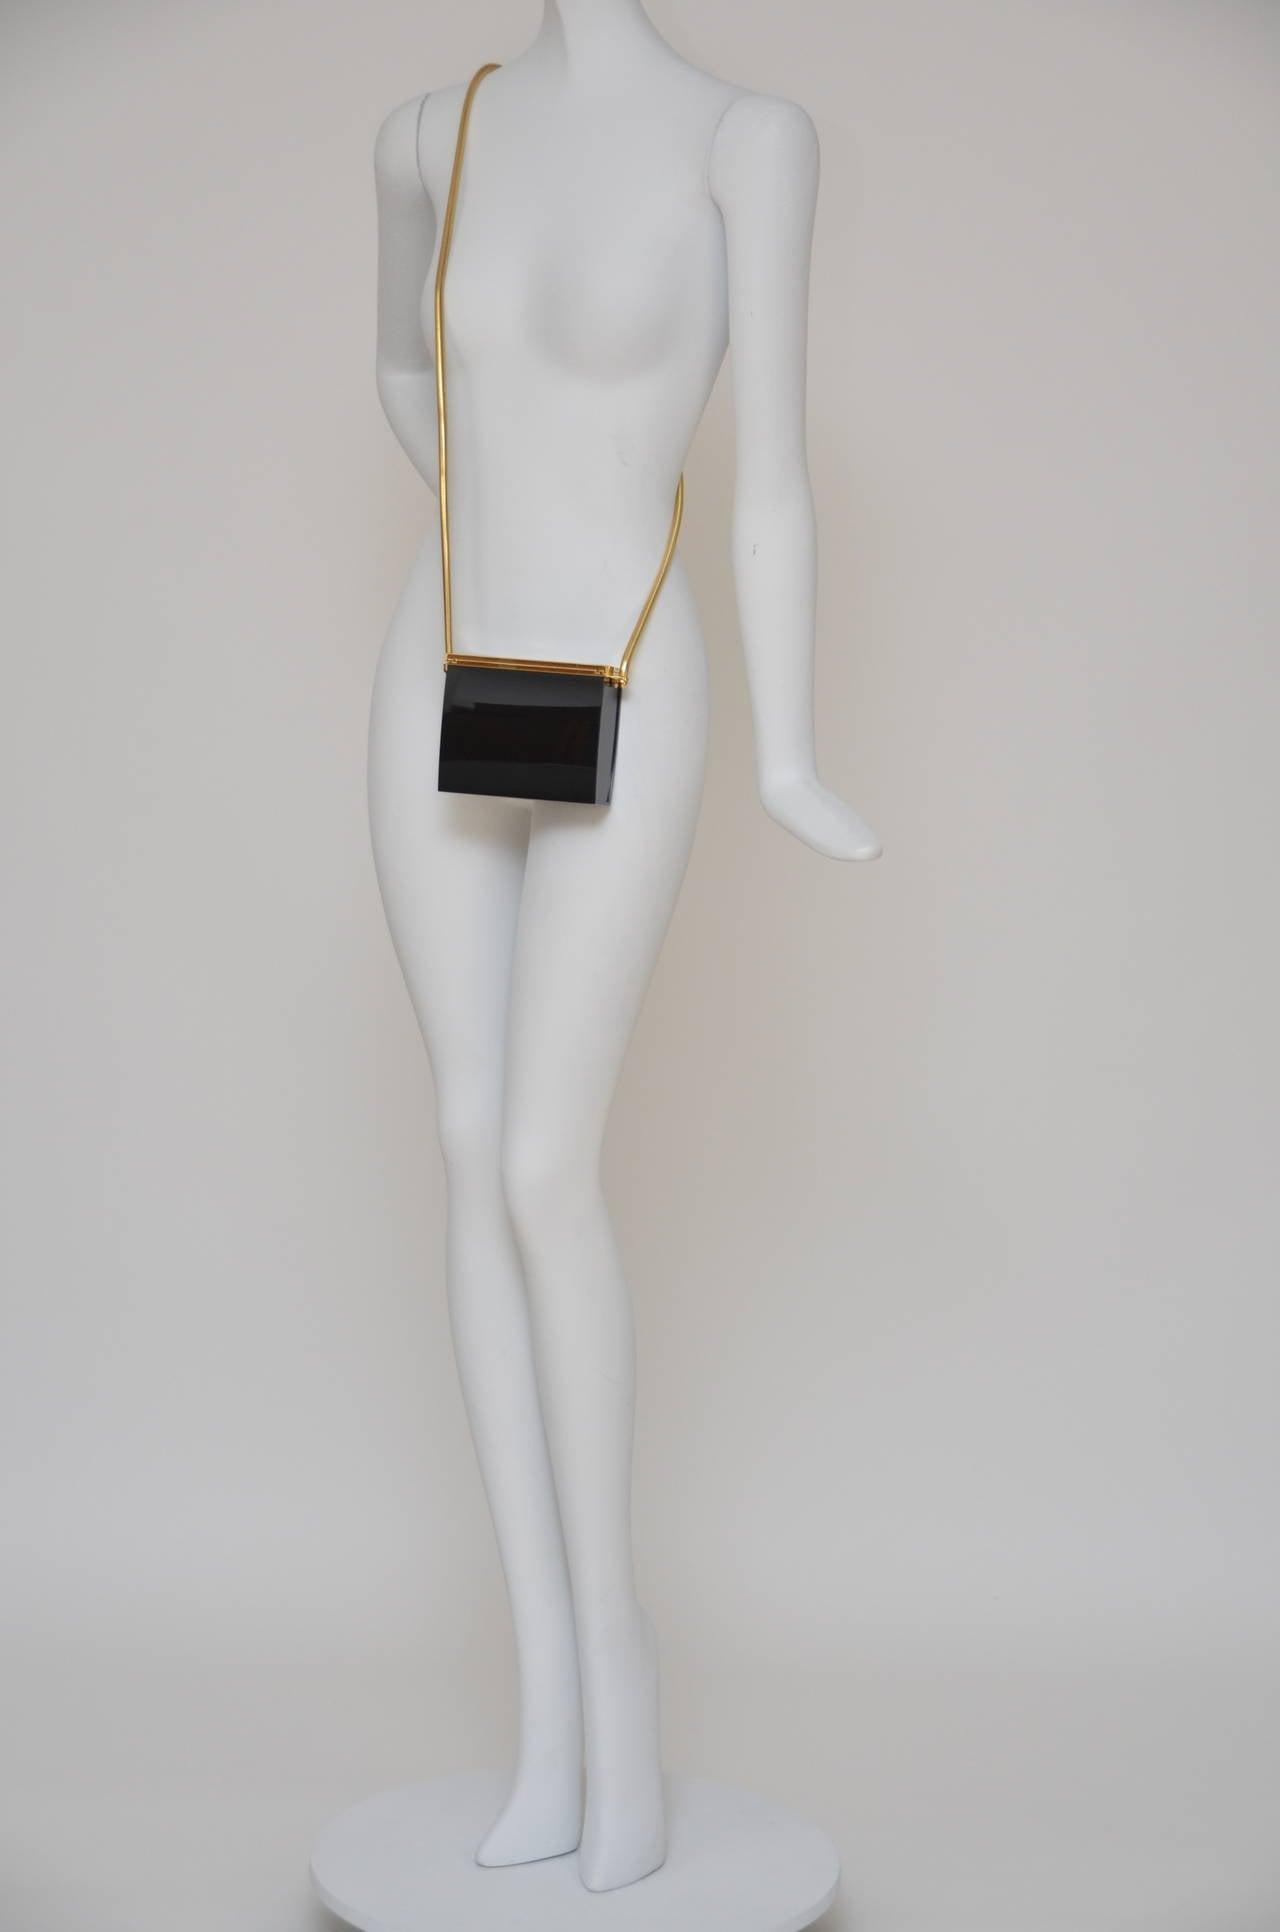 Rare Chanel Black Lucite  Mini Handbag 8